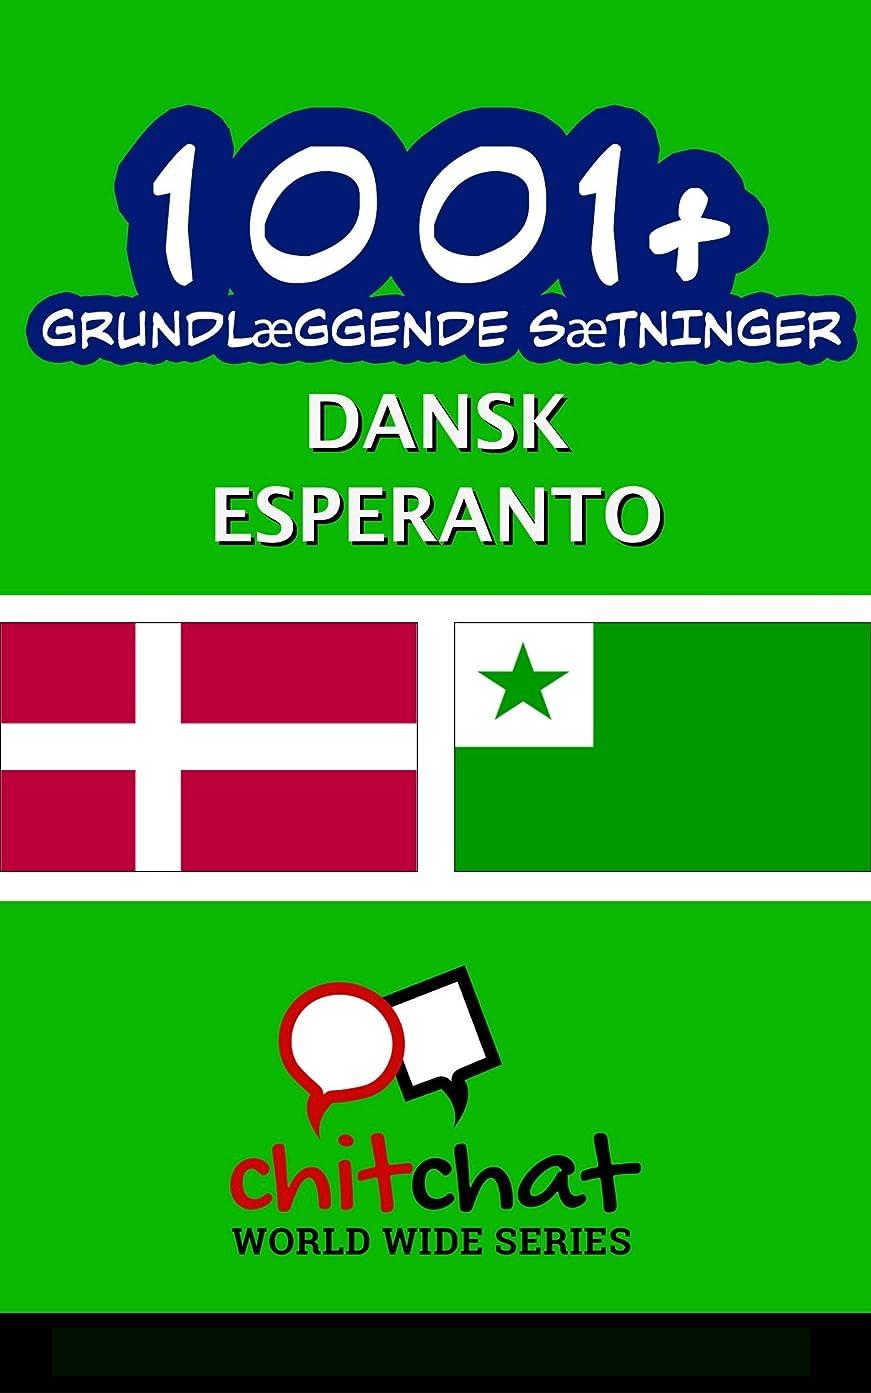 閉塞スコットランド人ポスト印象派1001+ grundl?ggende s?tninger dansk - Esperanto (Danish Edition)